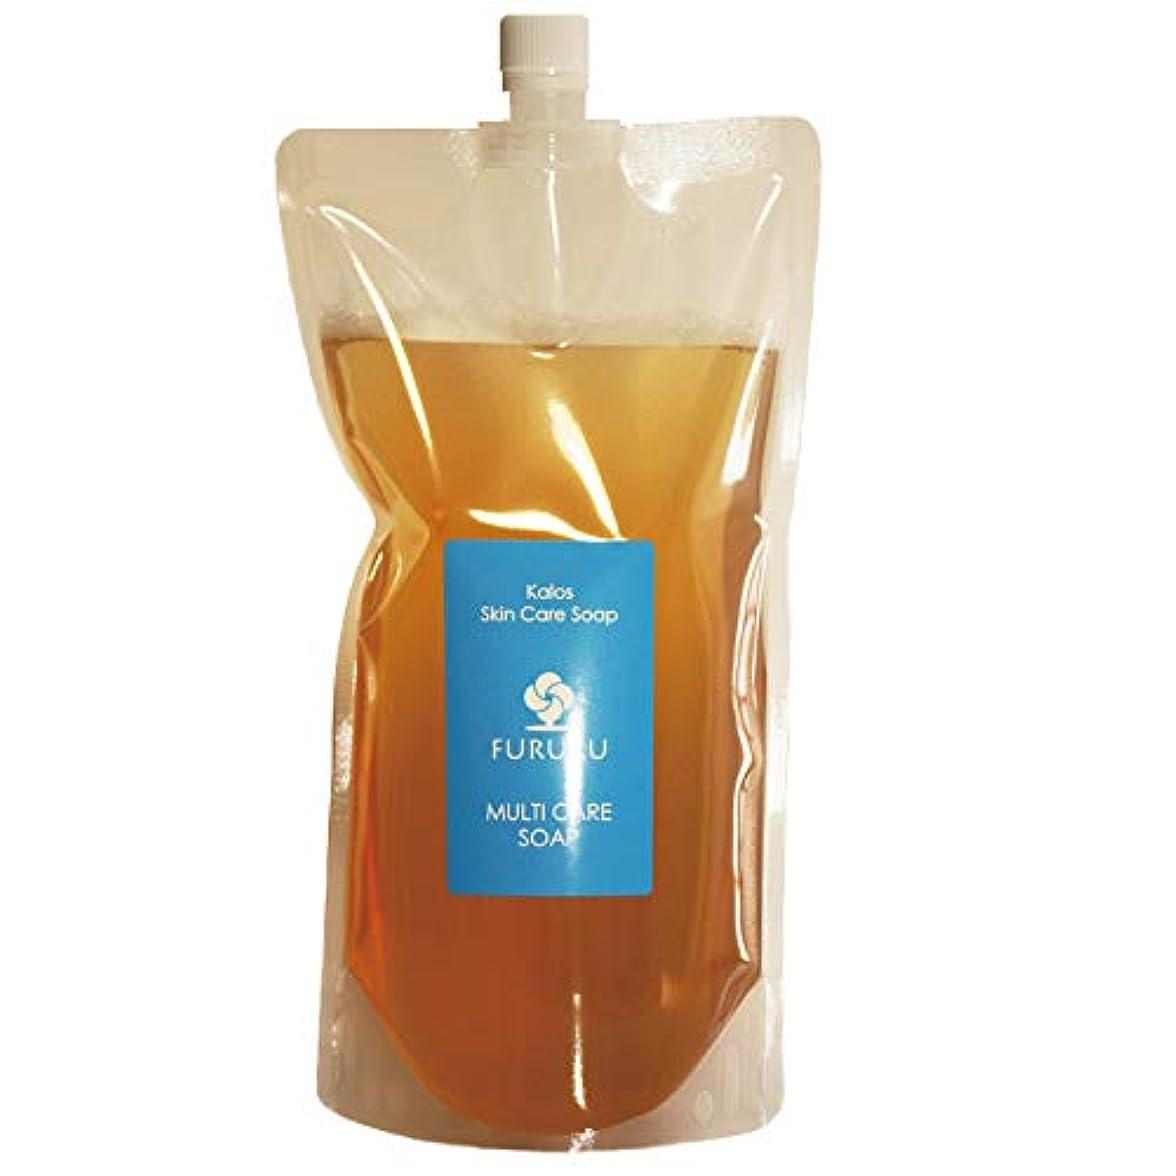 大臣世界記録のギネスブック流用するフルボ酸 FURURU ボタニカル シャンプー 詰替え用 (1000ml)